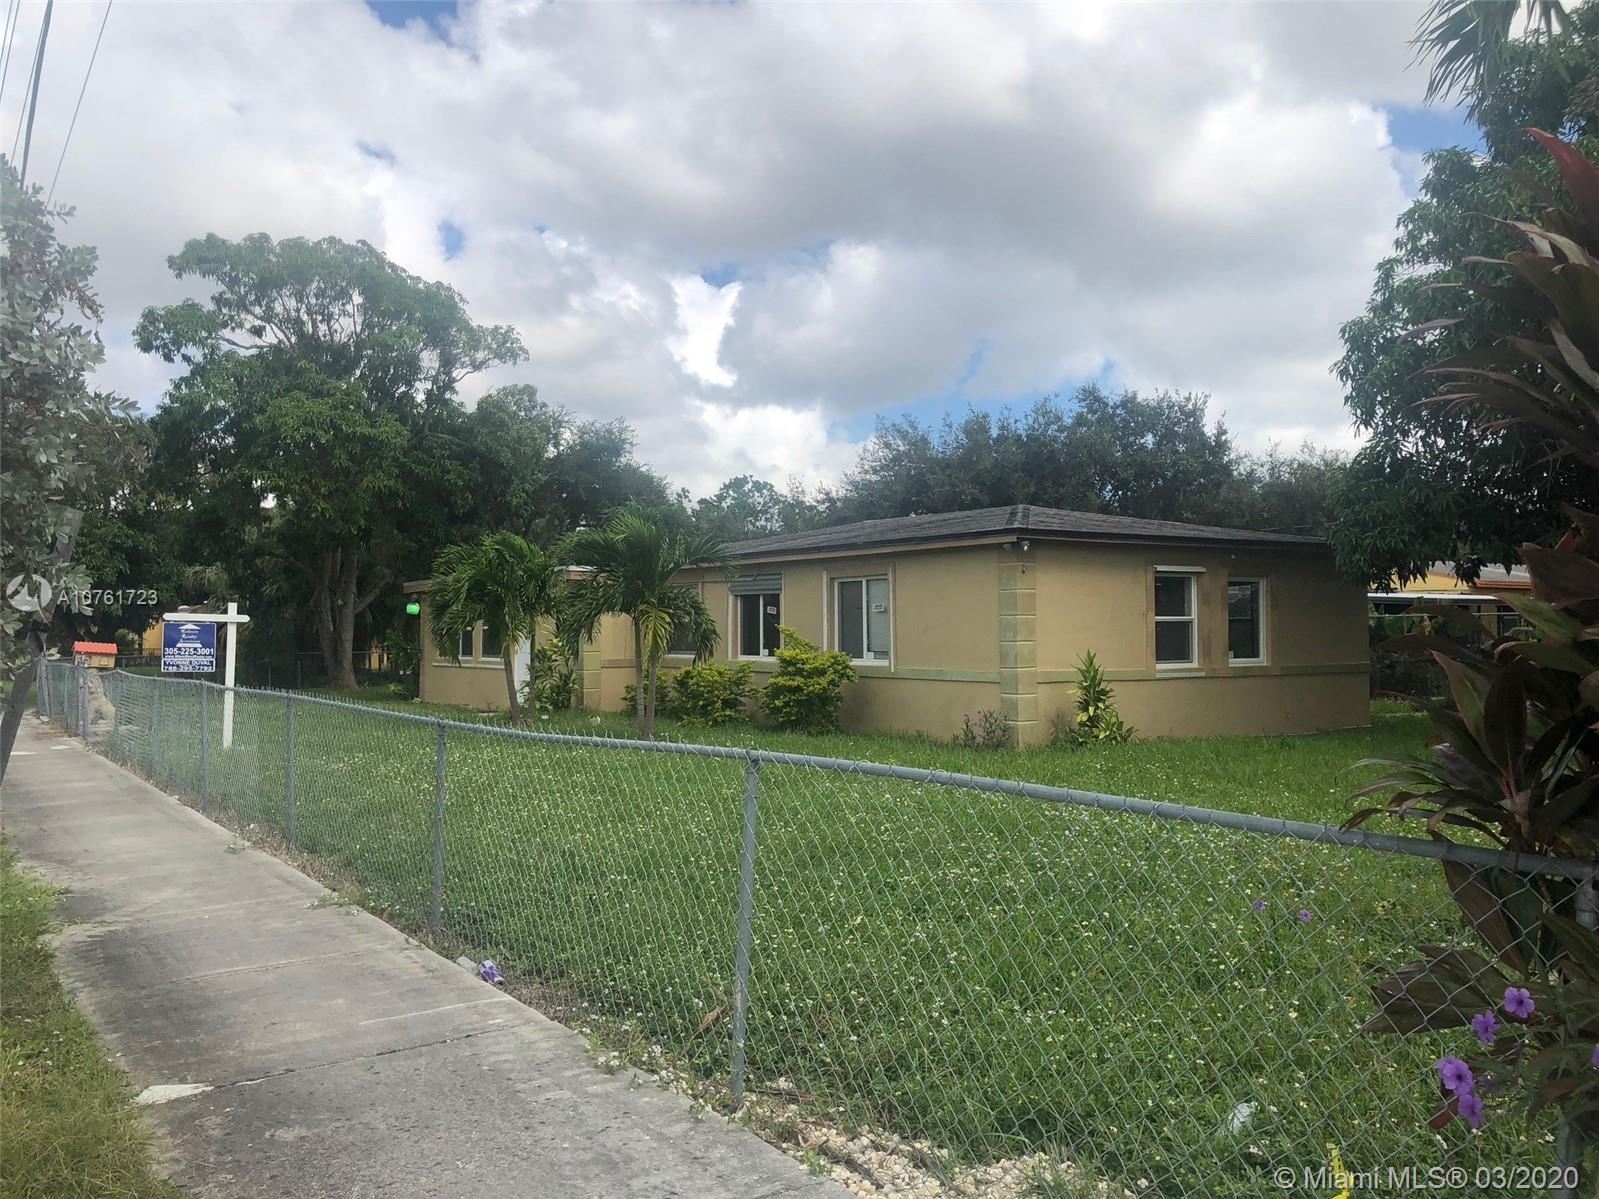 13275 NW 17th Ave, Miami Shores, Florida